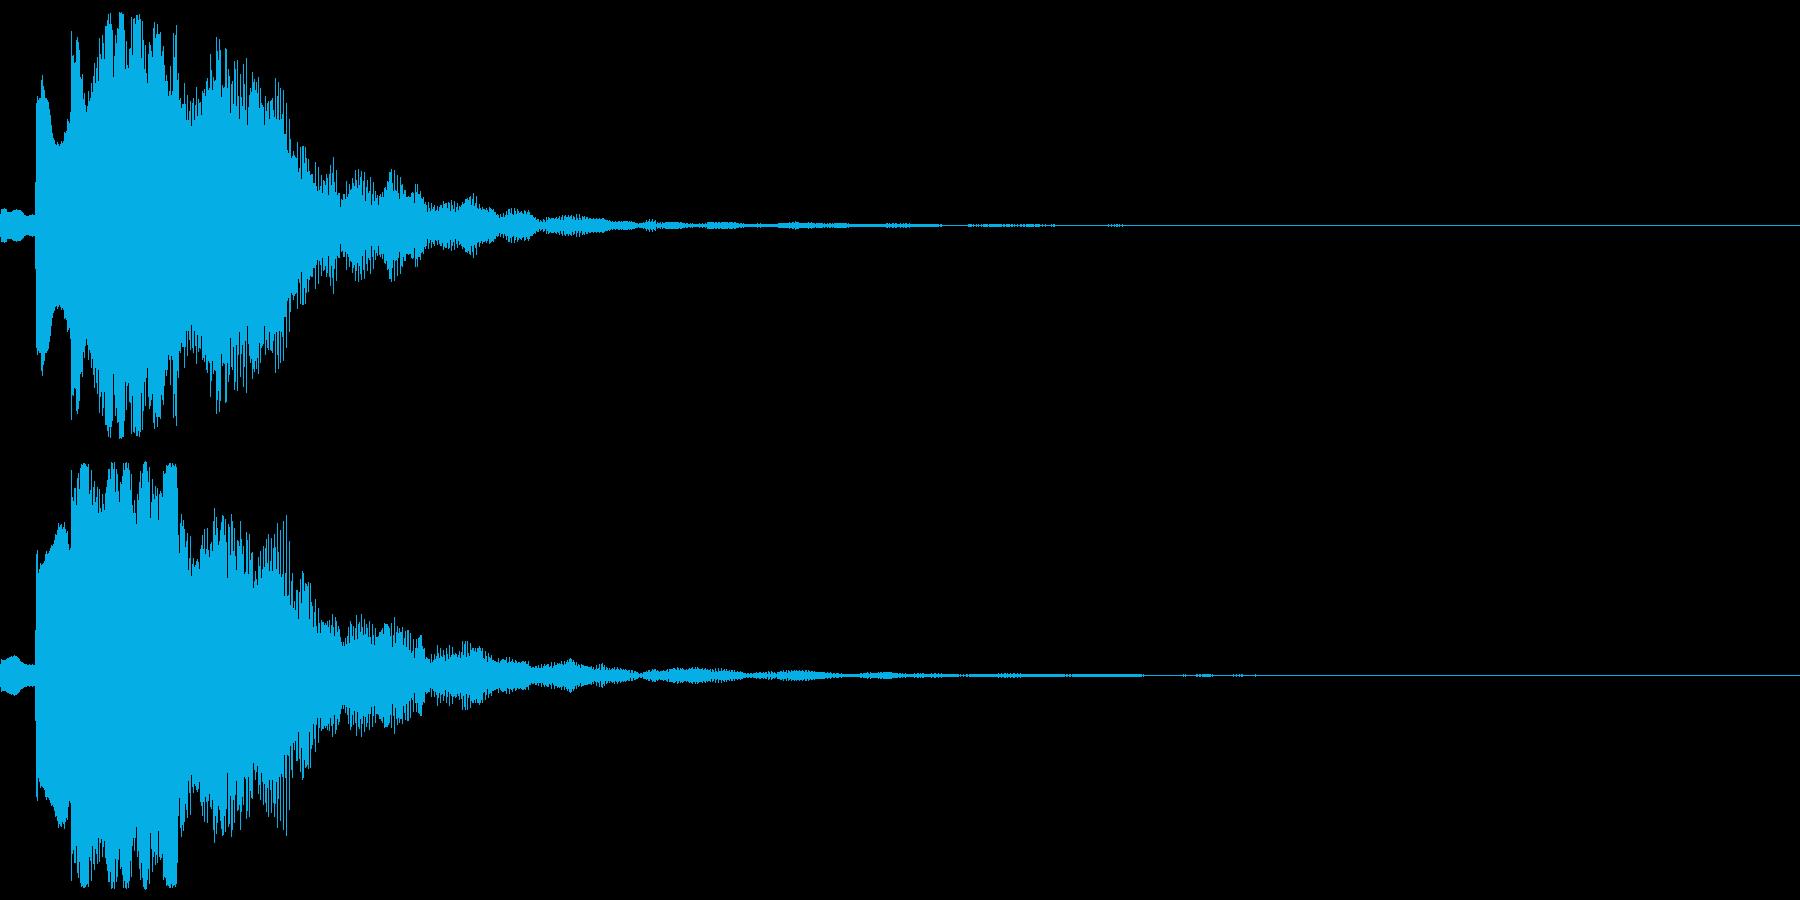 サウンドロゴ04(電子音)の再生済みの波形